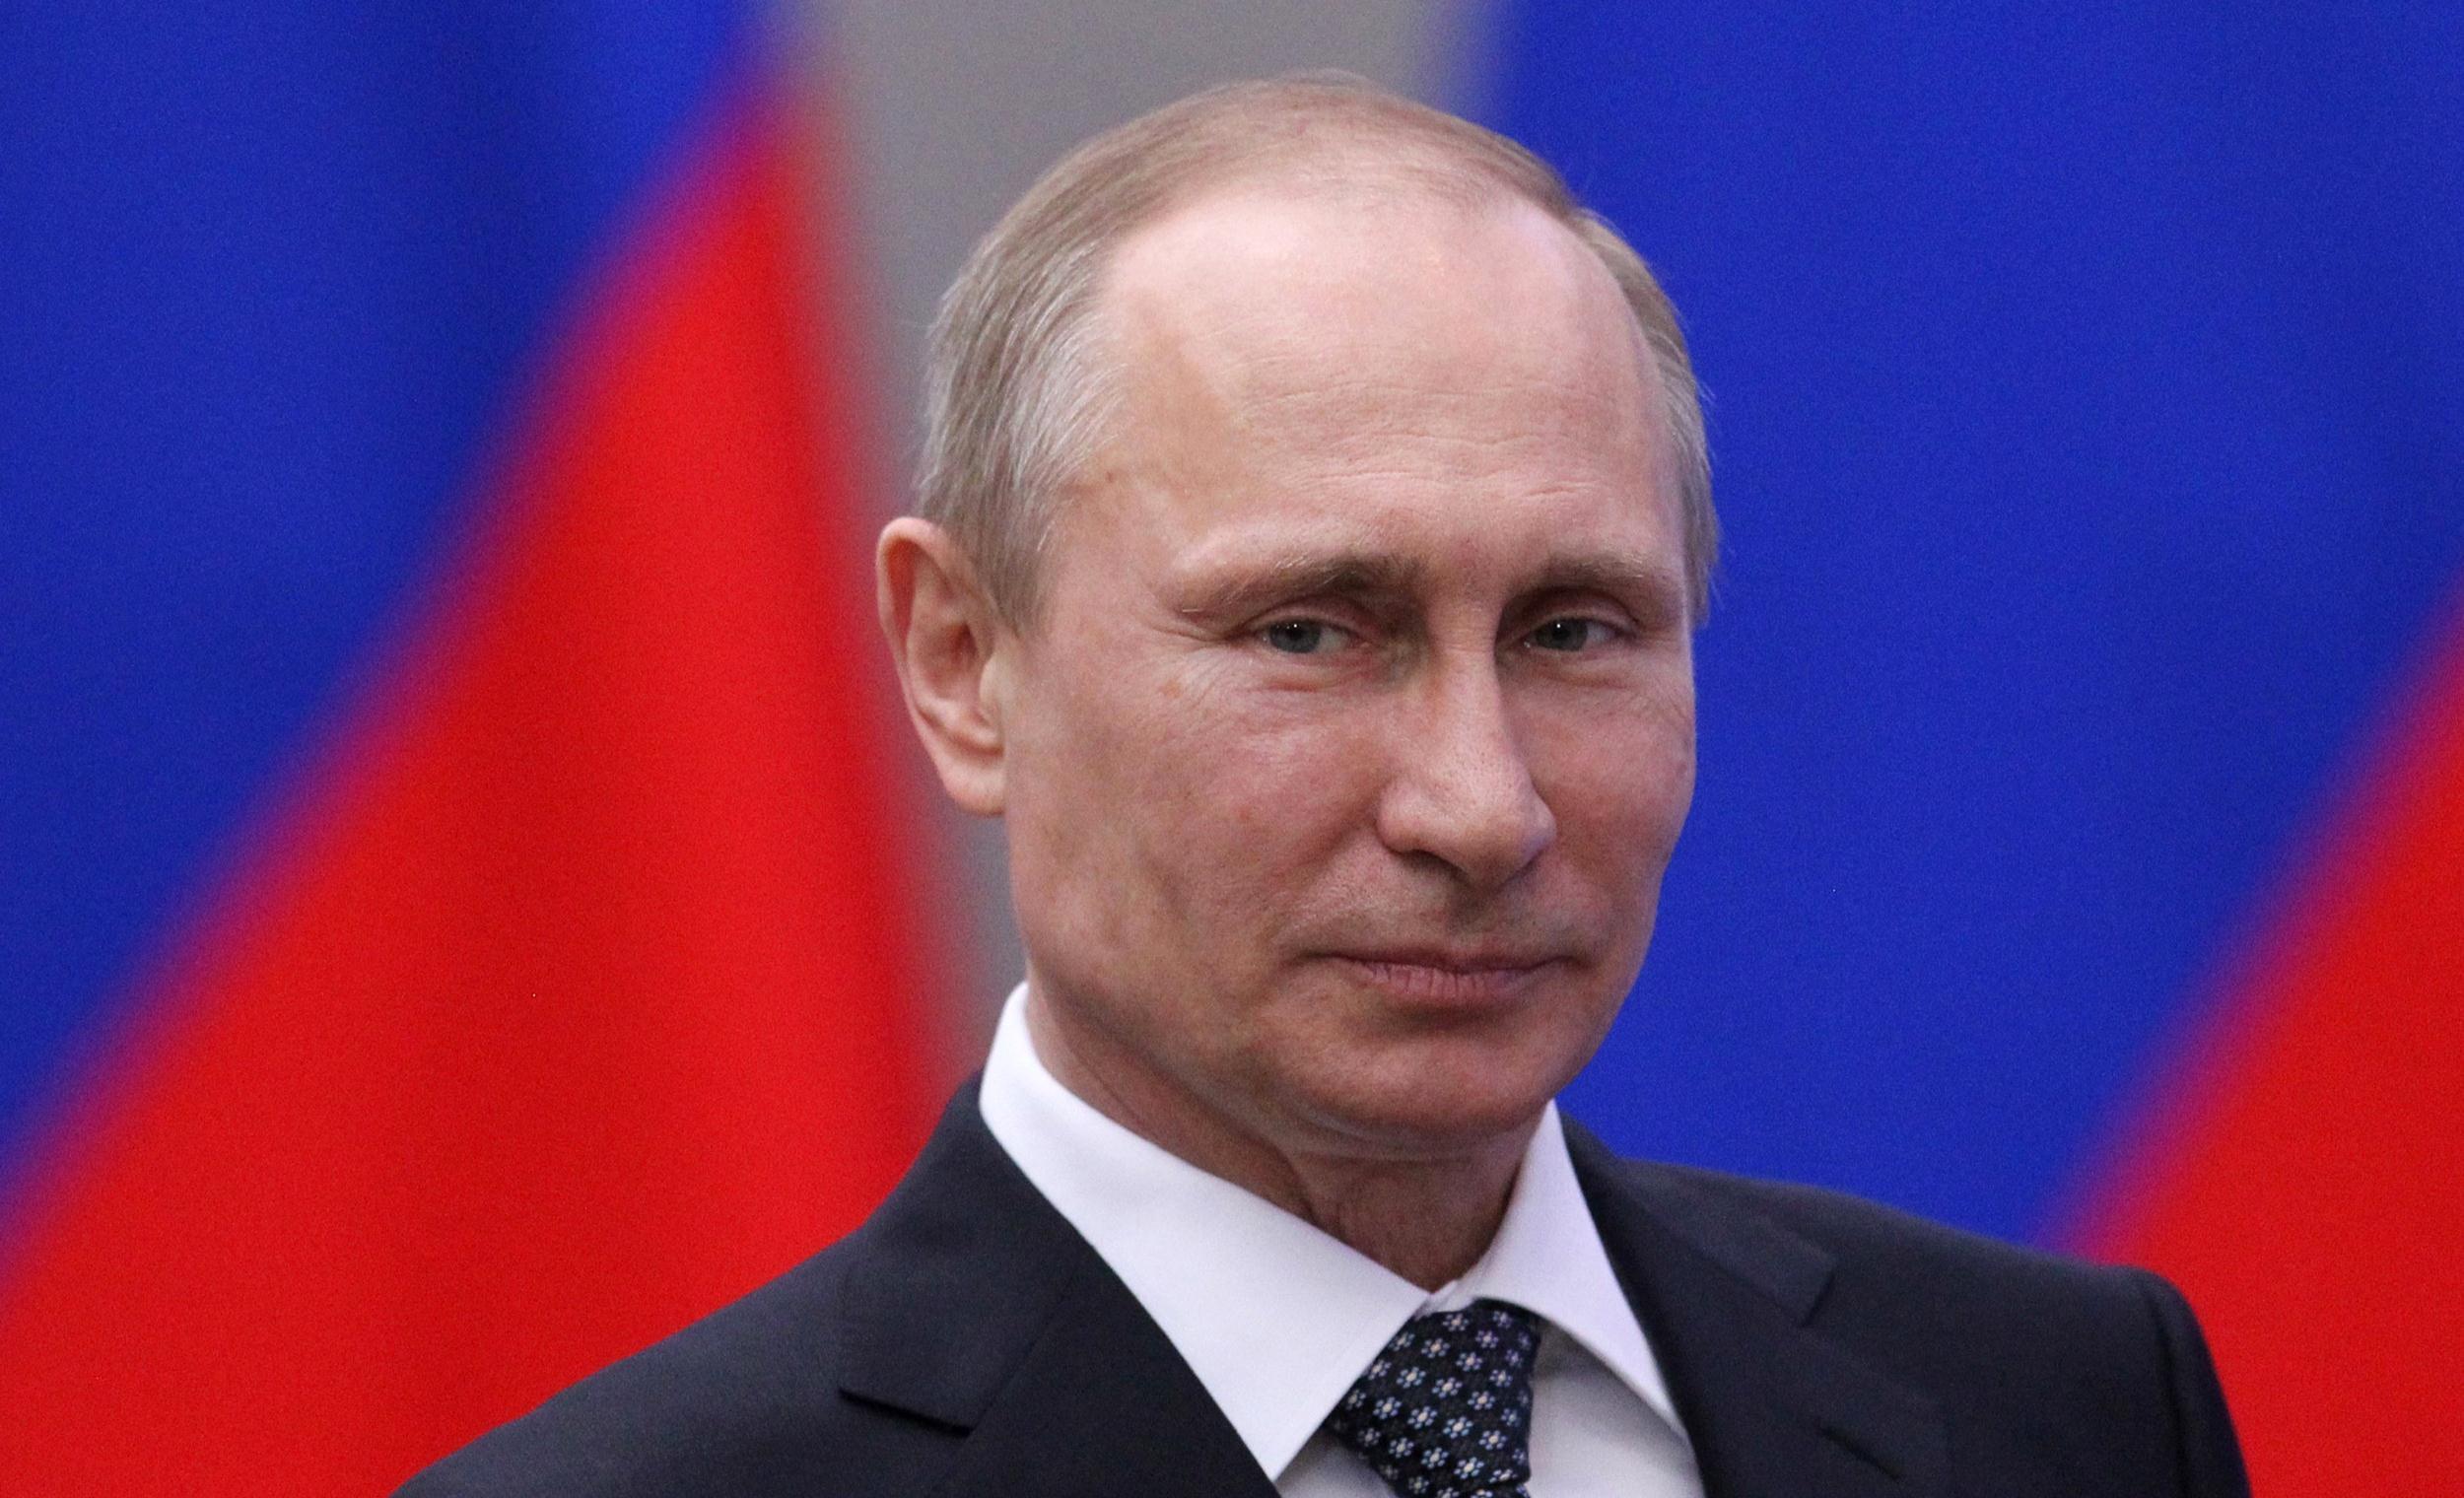 Պուտին. Ռուսաստանը գրեթե հաղթահարել է ճգնաժամը